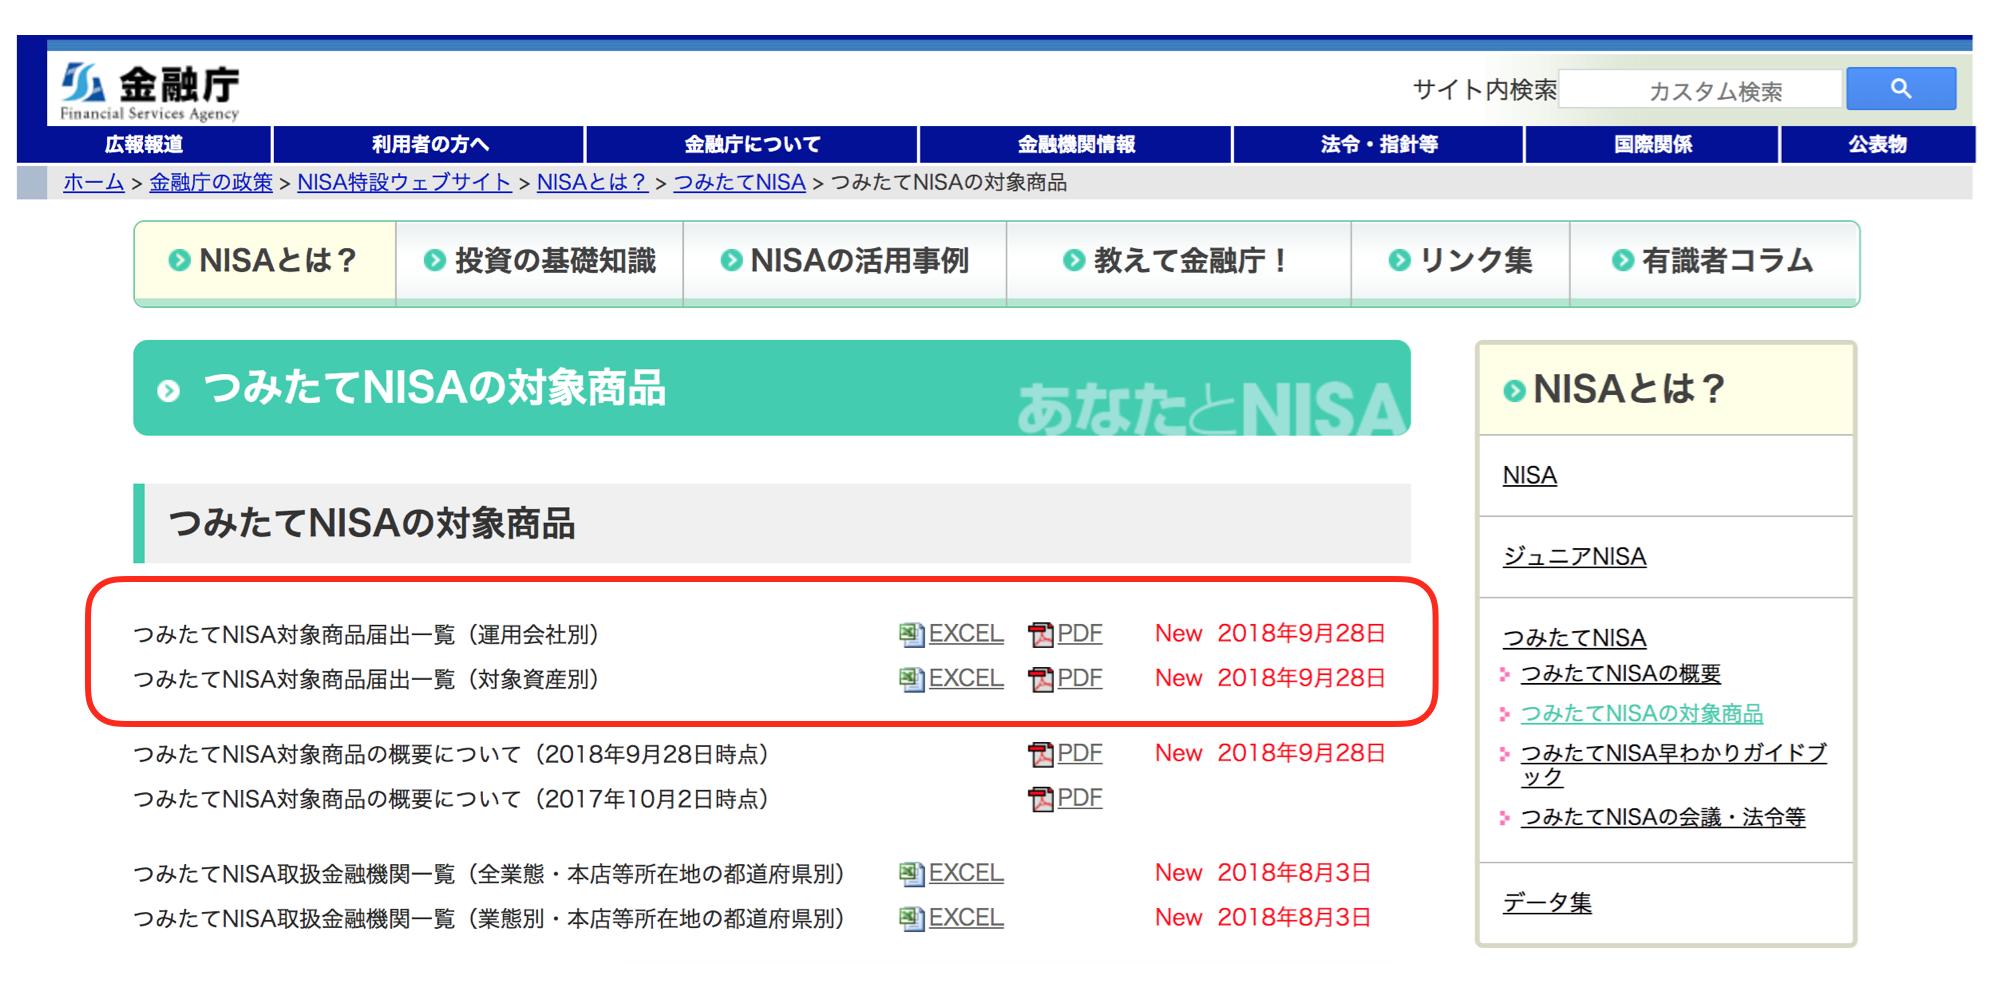 金融庁つみたてNISAの対象商品